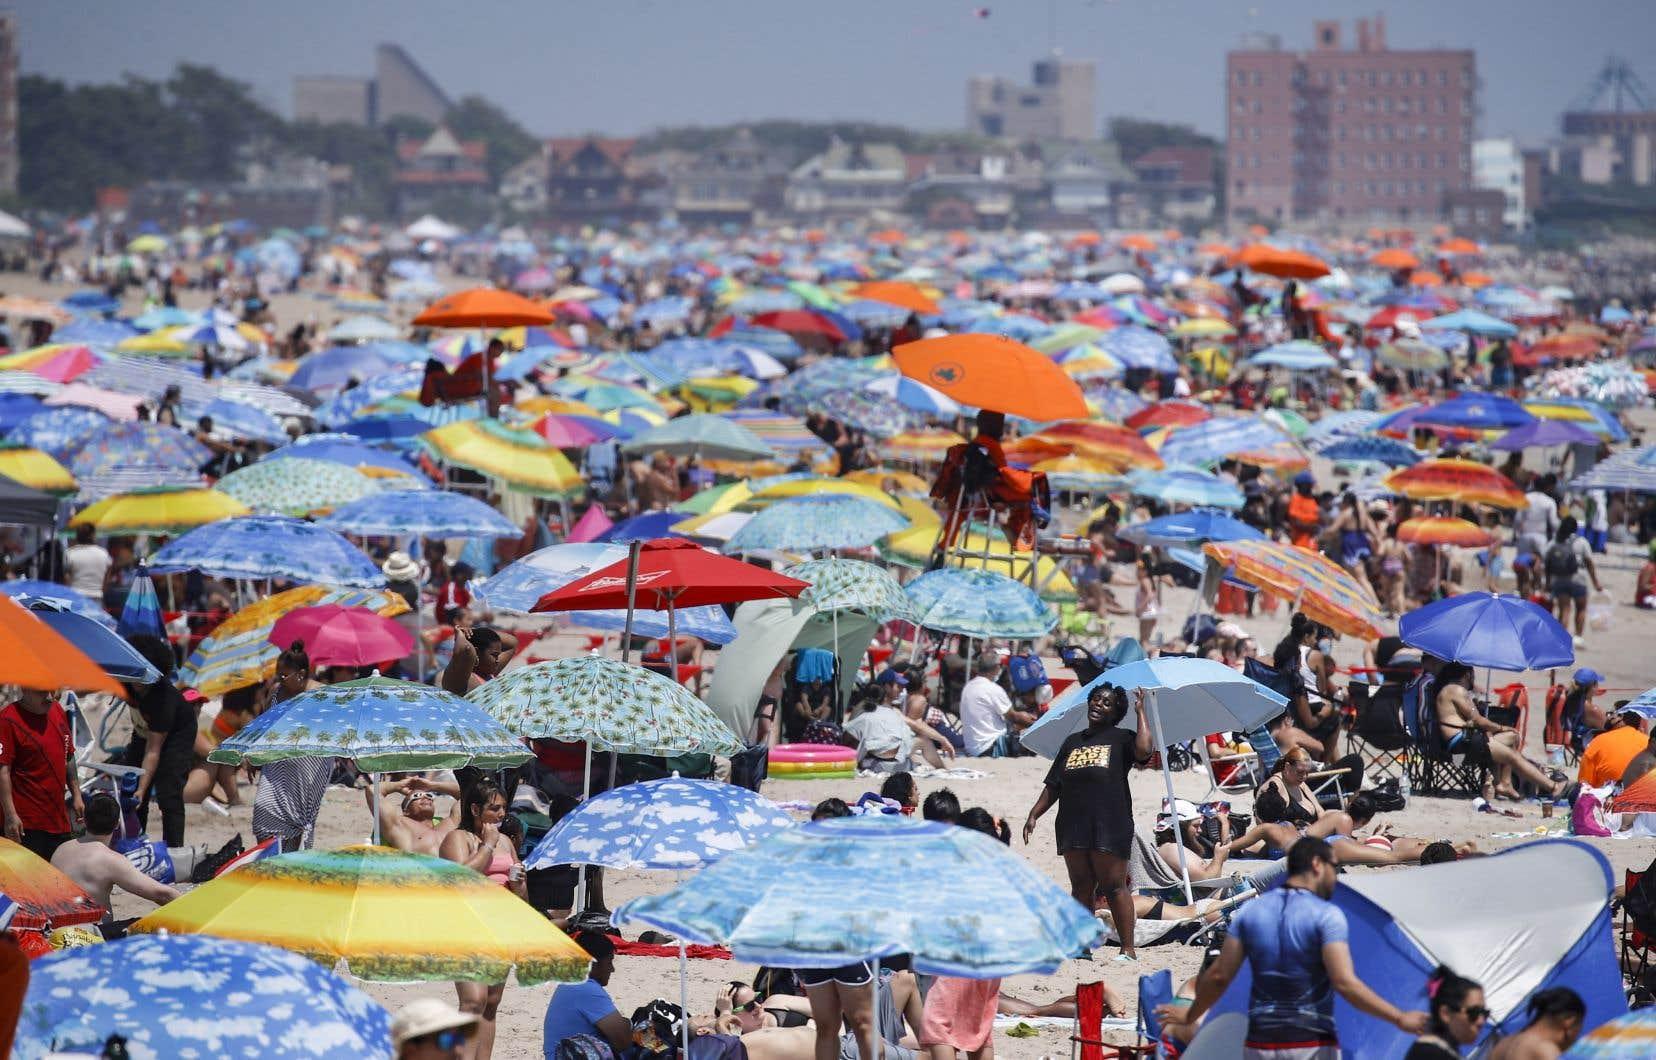 Rares étaient les vacanciers à bronzer masqués sur la plage new-yorkaise de Coney Island, en fin de semaine.